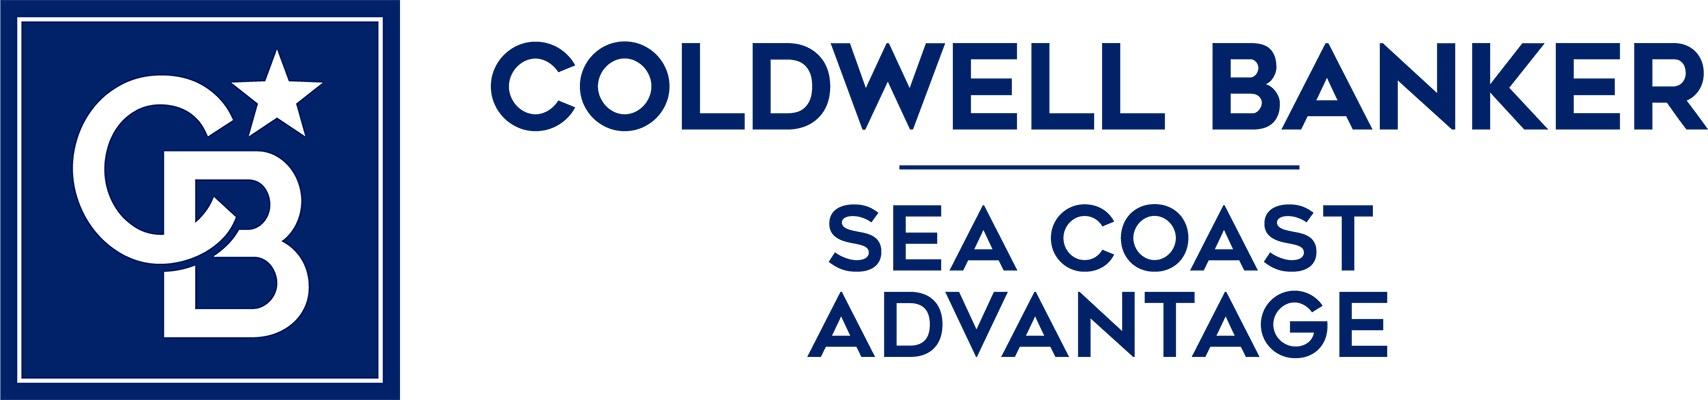 Coldwell Banker Sea Coast Advantage Logo